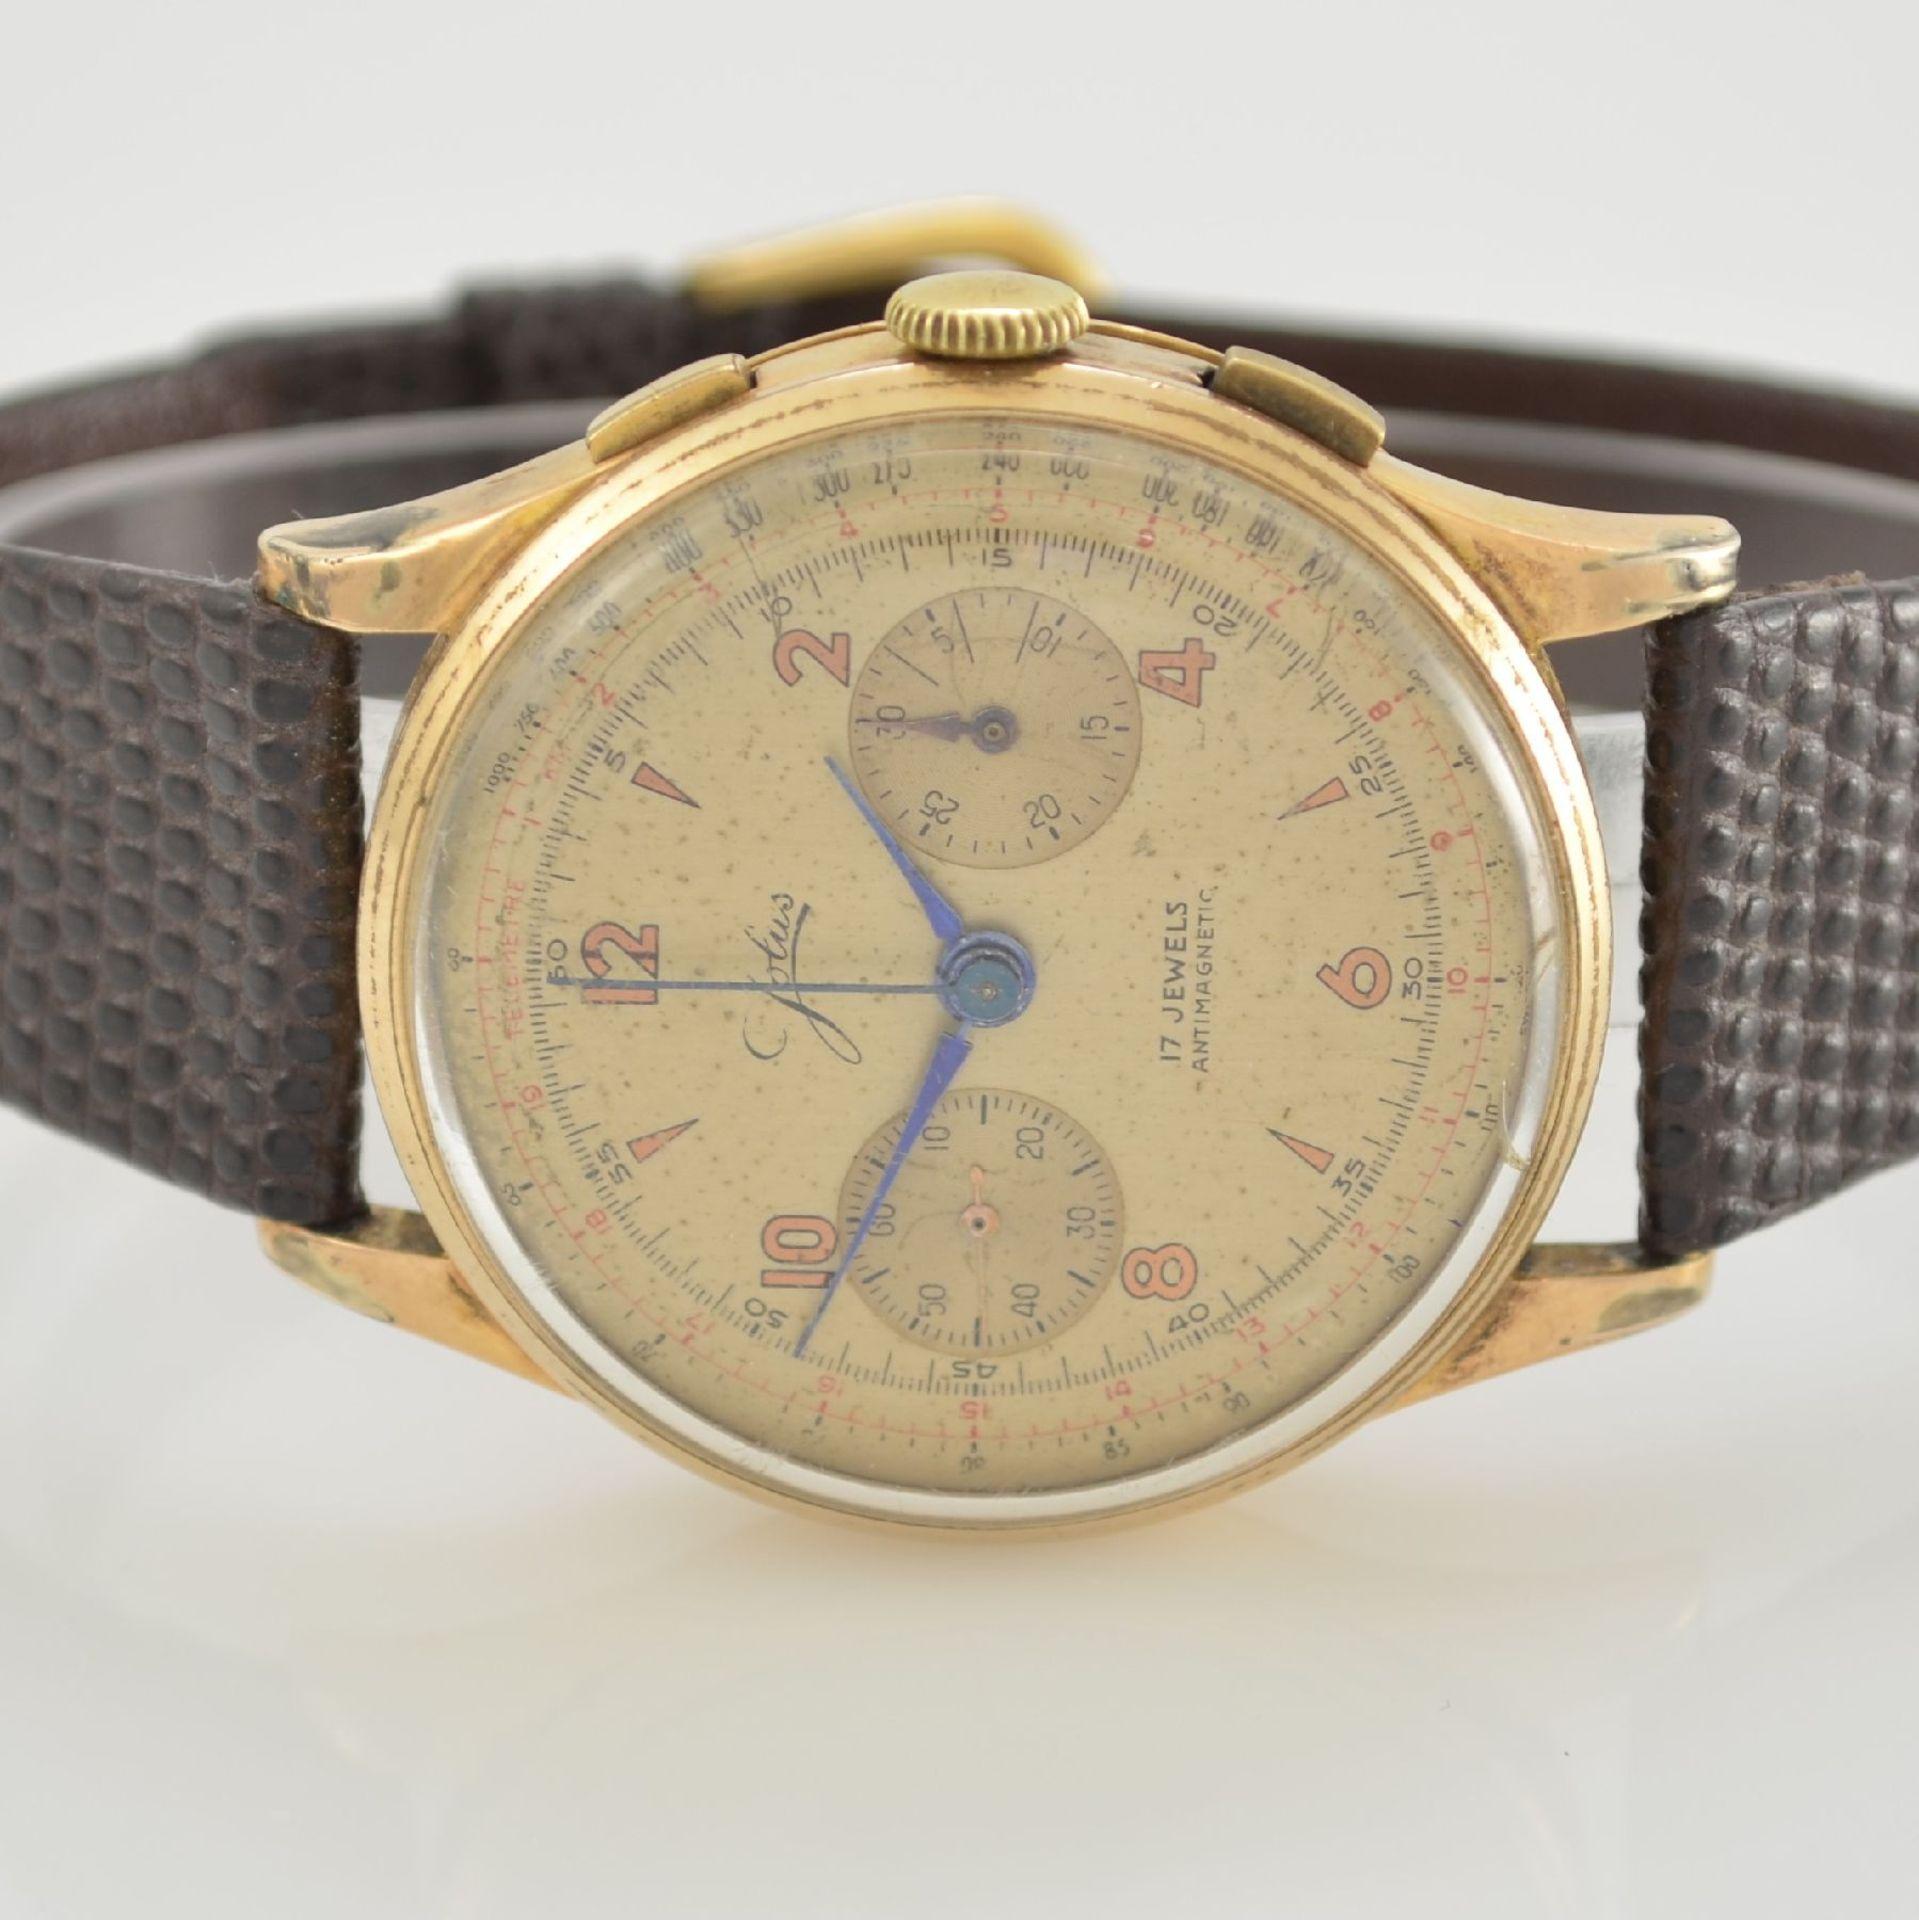 JOLUS Armbandchronograph in RoseG 750/000, Handaufzug, Schweiz um 1948, Boden & verg. Glasrand - Bild 2 aus 8